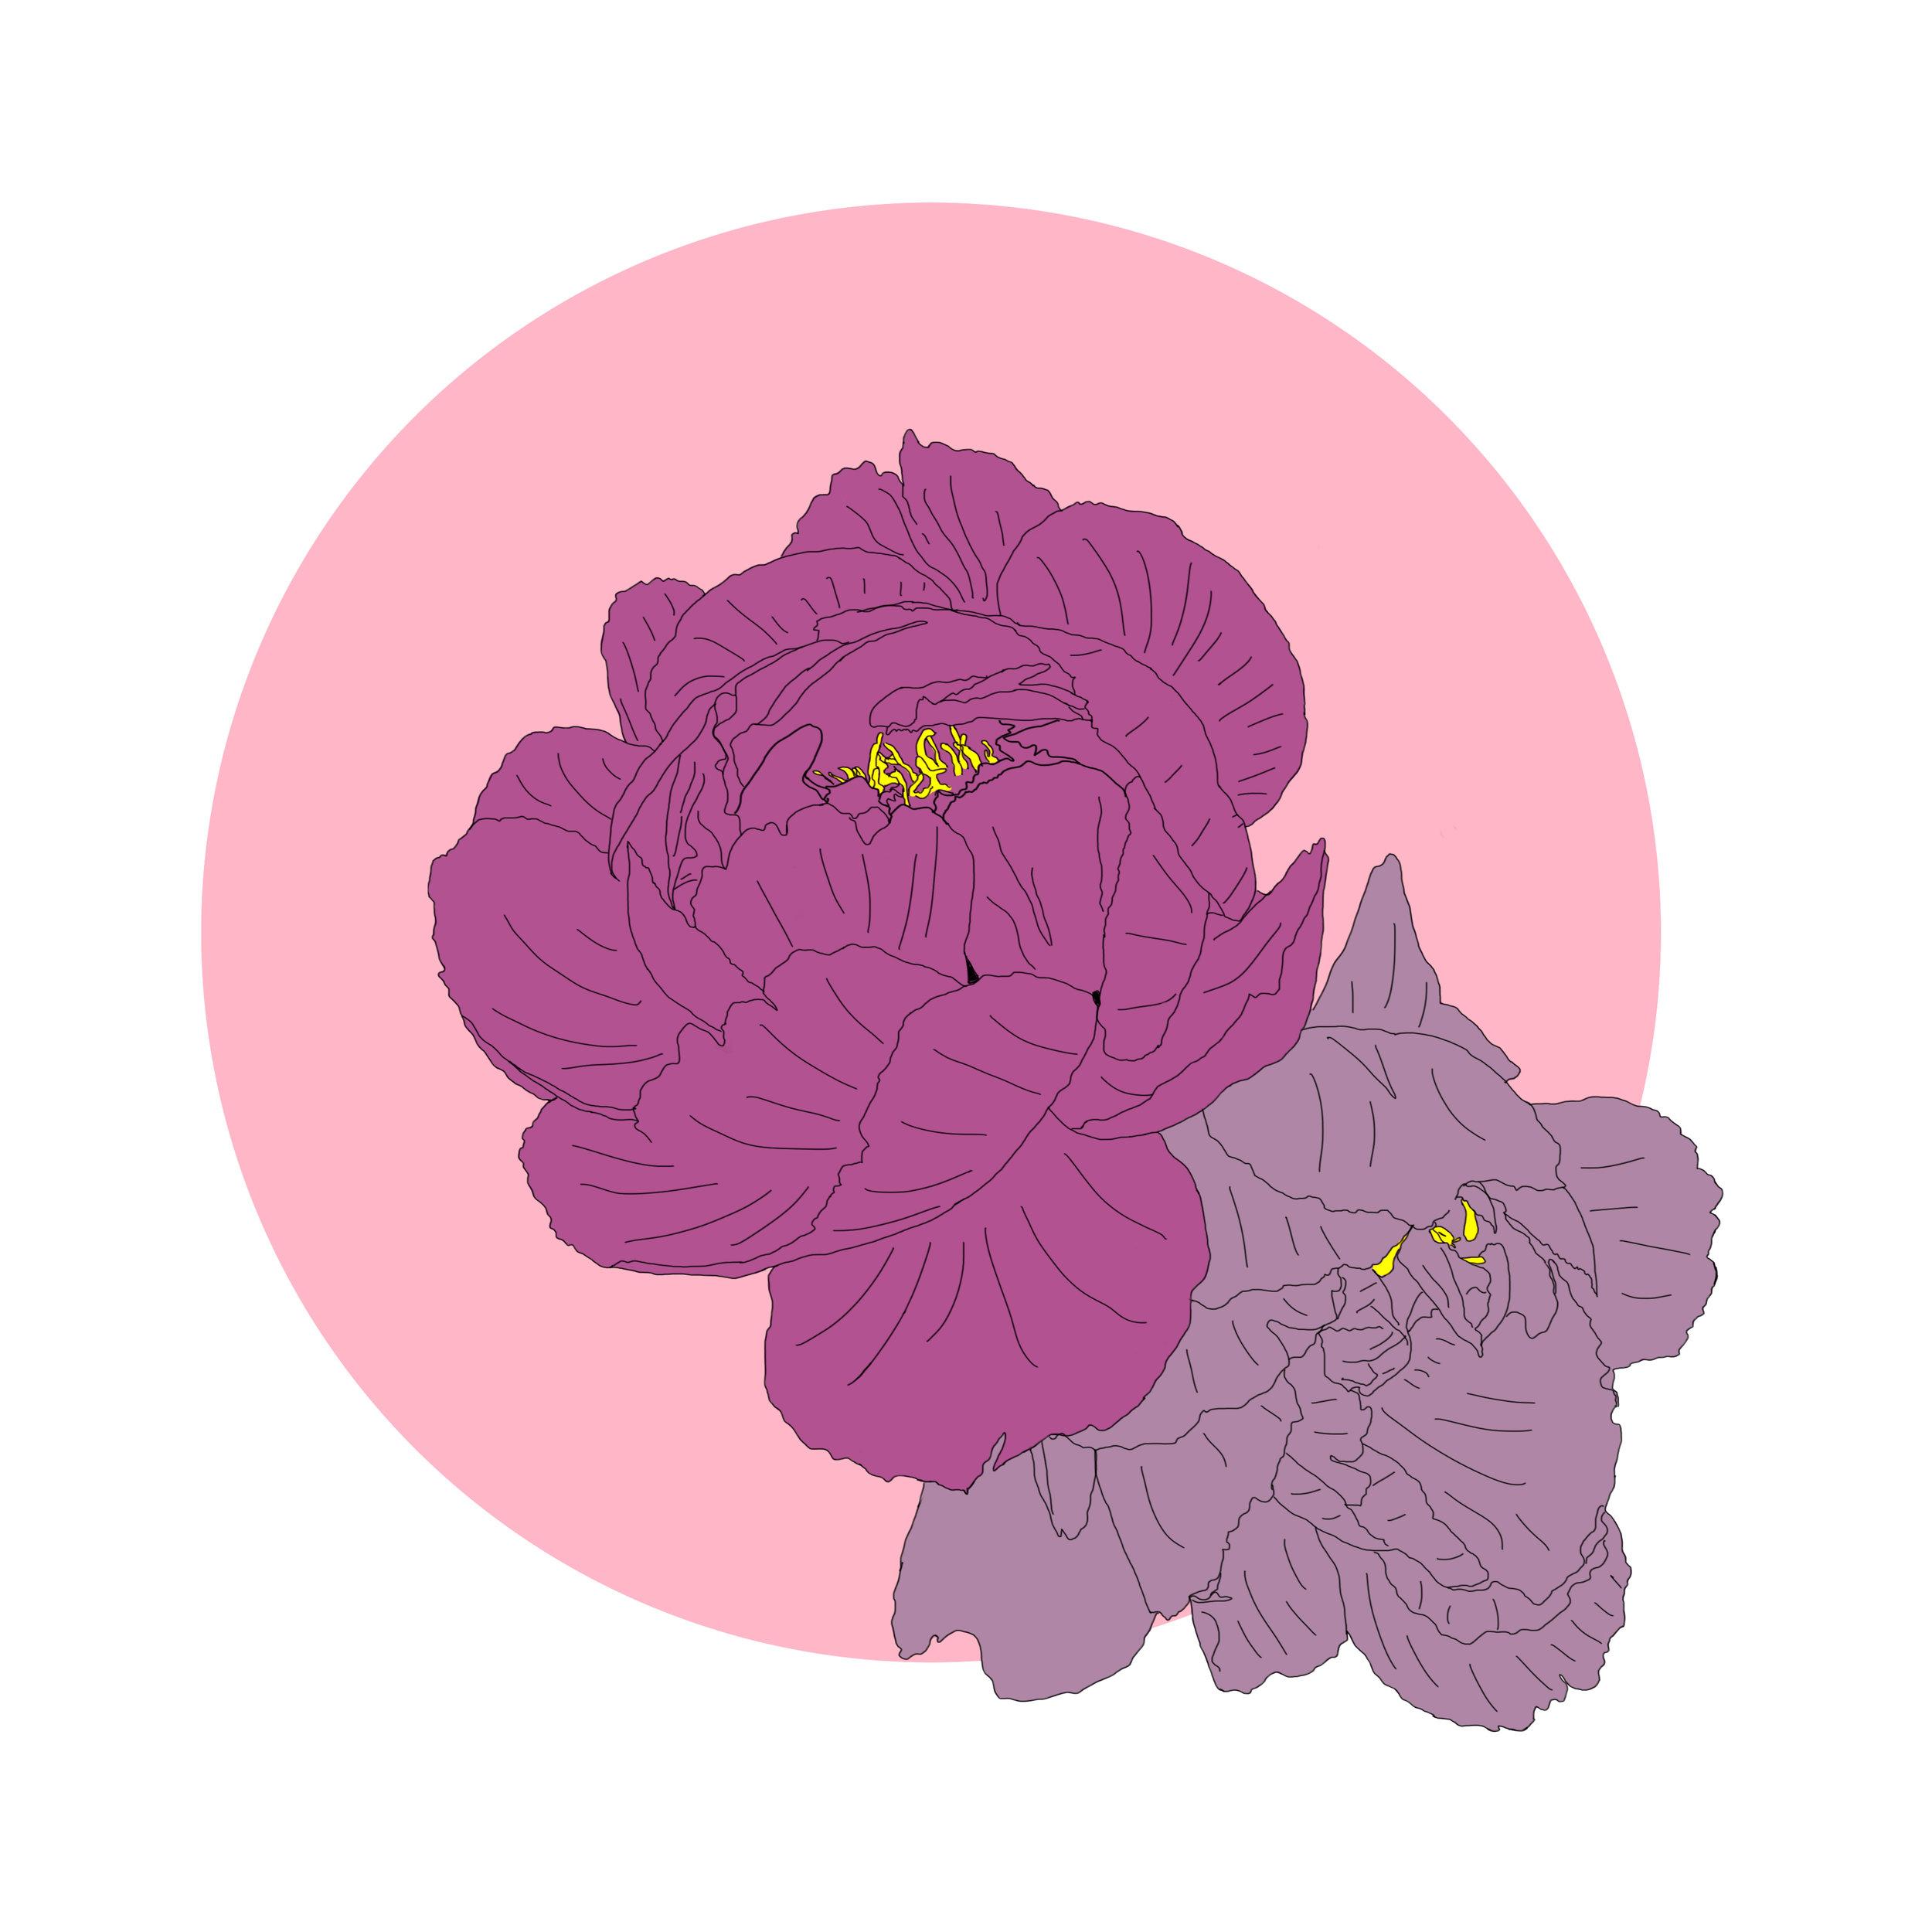 01_Flowers.jpg